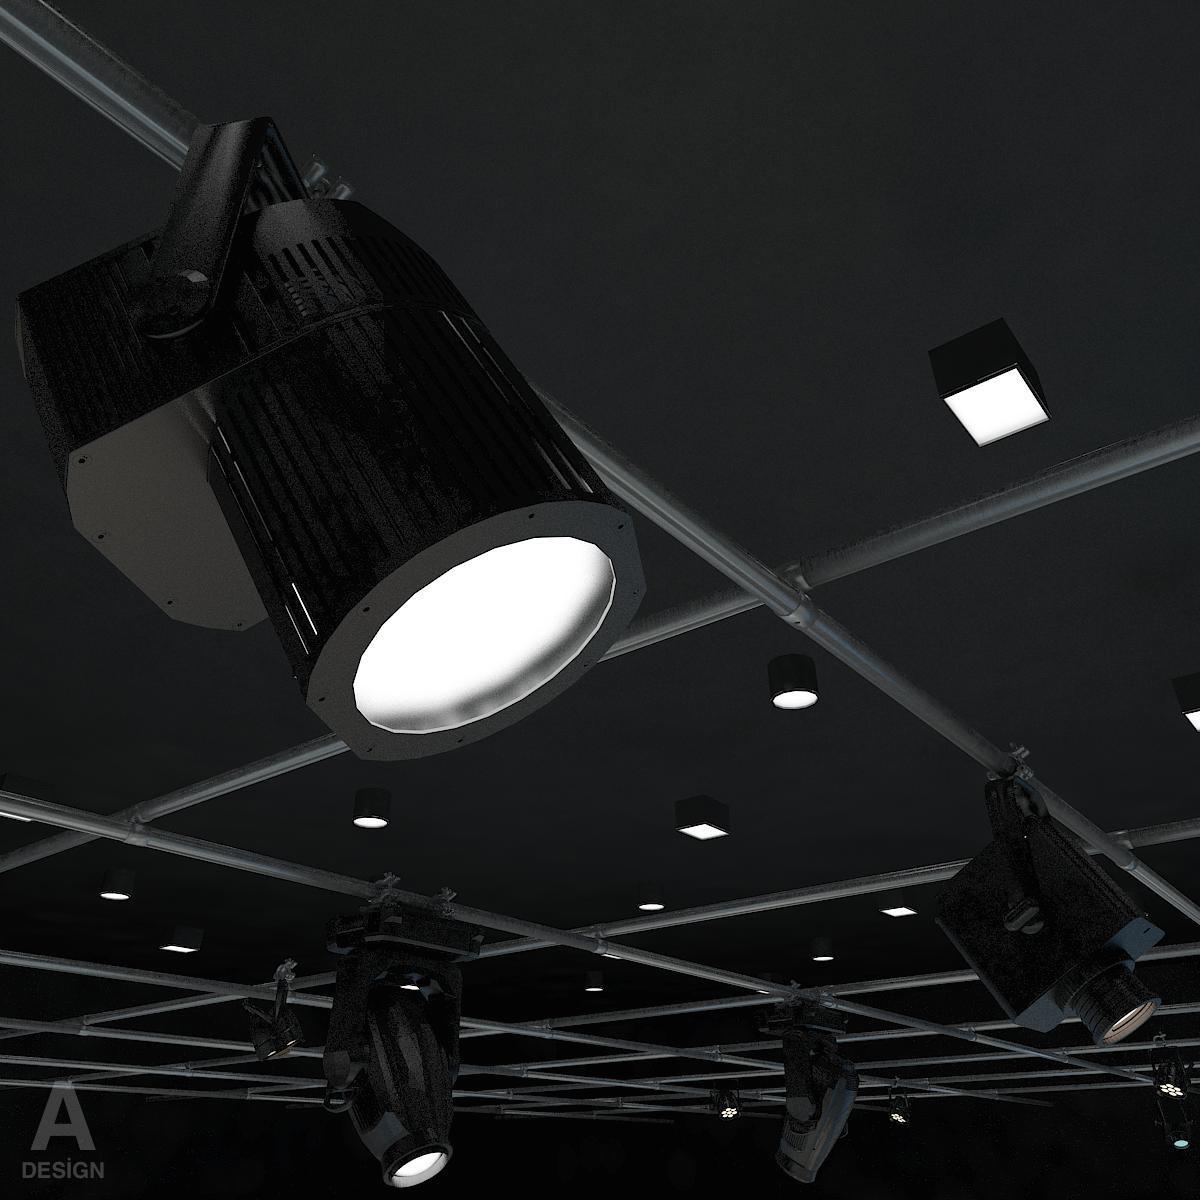 виртуал өргөн нэвтрүүлгийн телевизийн мэдээллийн студи 028 3d загвар max dxf fbx бүтэцтэй obj 215582